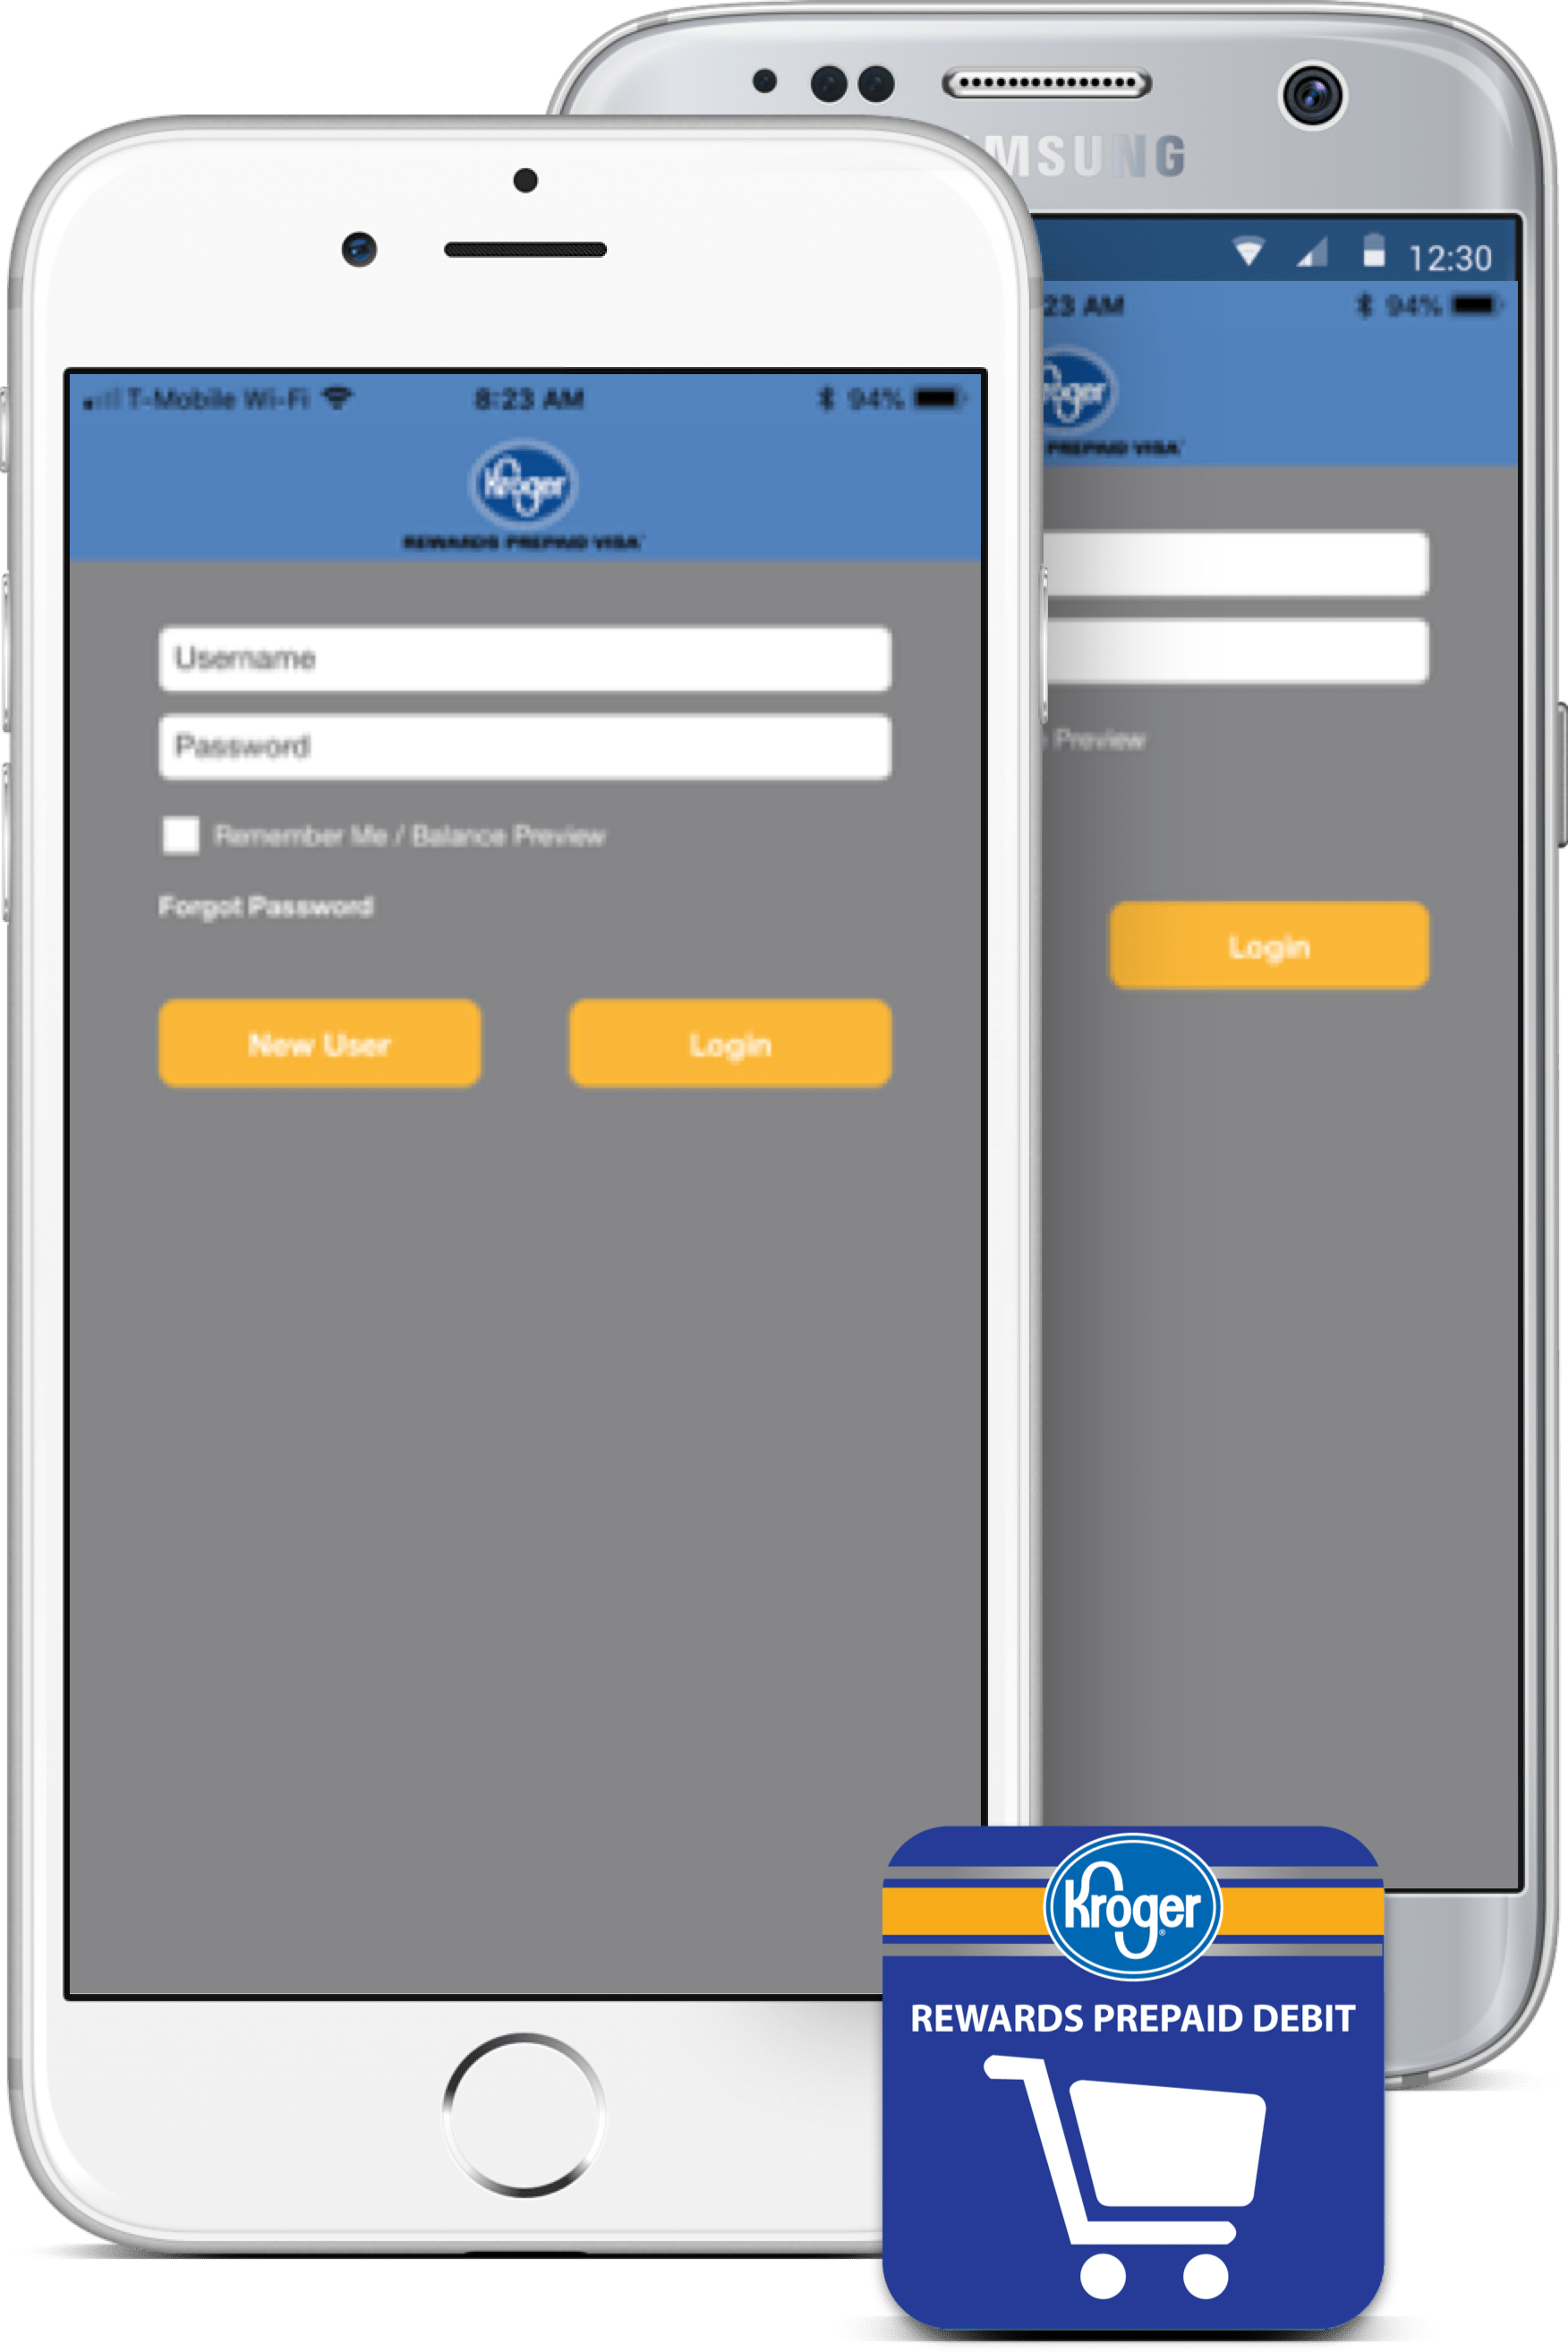 Prepaid Card Mobile App | Kroger REWARDS Prepaid Visa